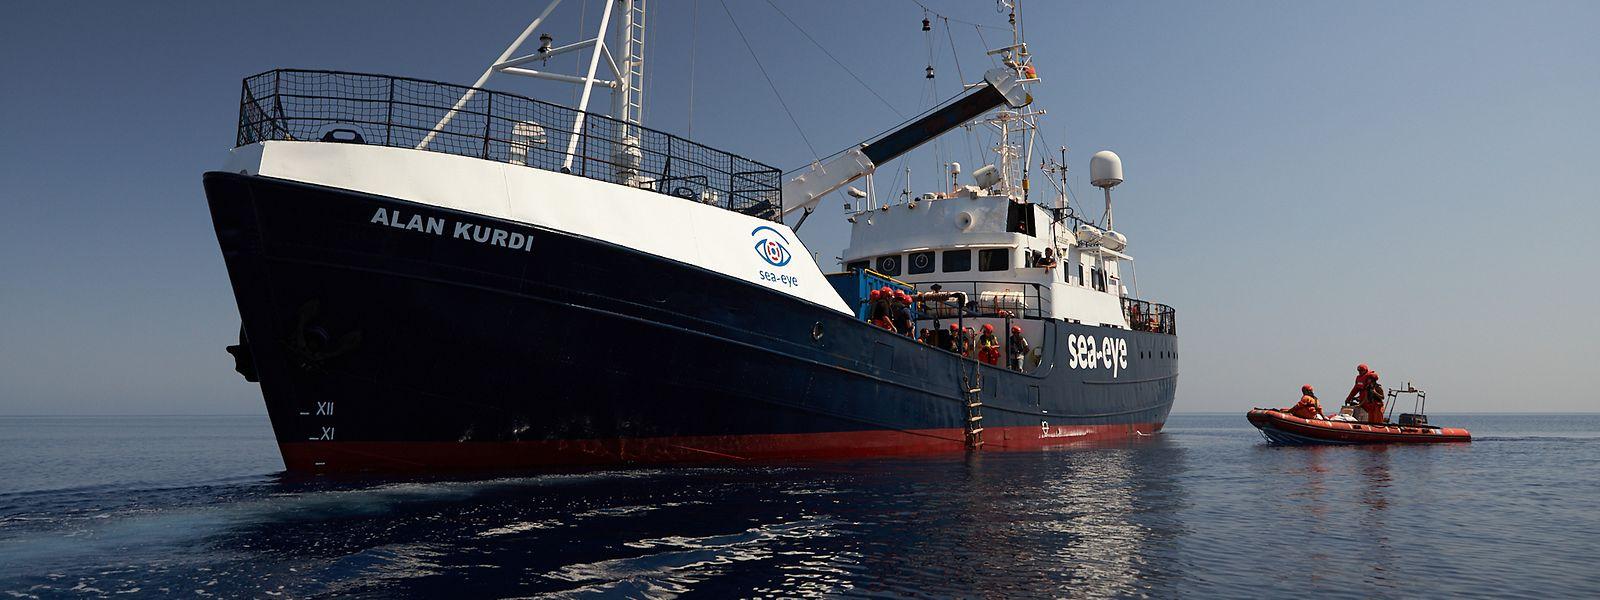 Dieses von der Seenotrettungsorganisation Sea-Eye zur Verfügung gestellte Foto zeigt das Seenotrettungsschiff «Alan Kurdi».